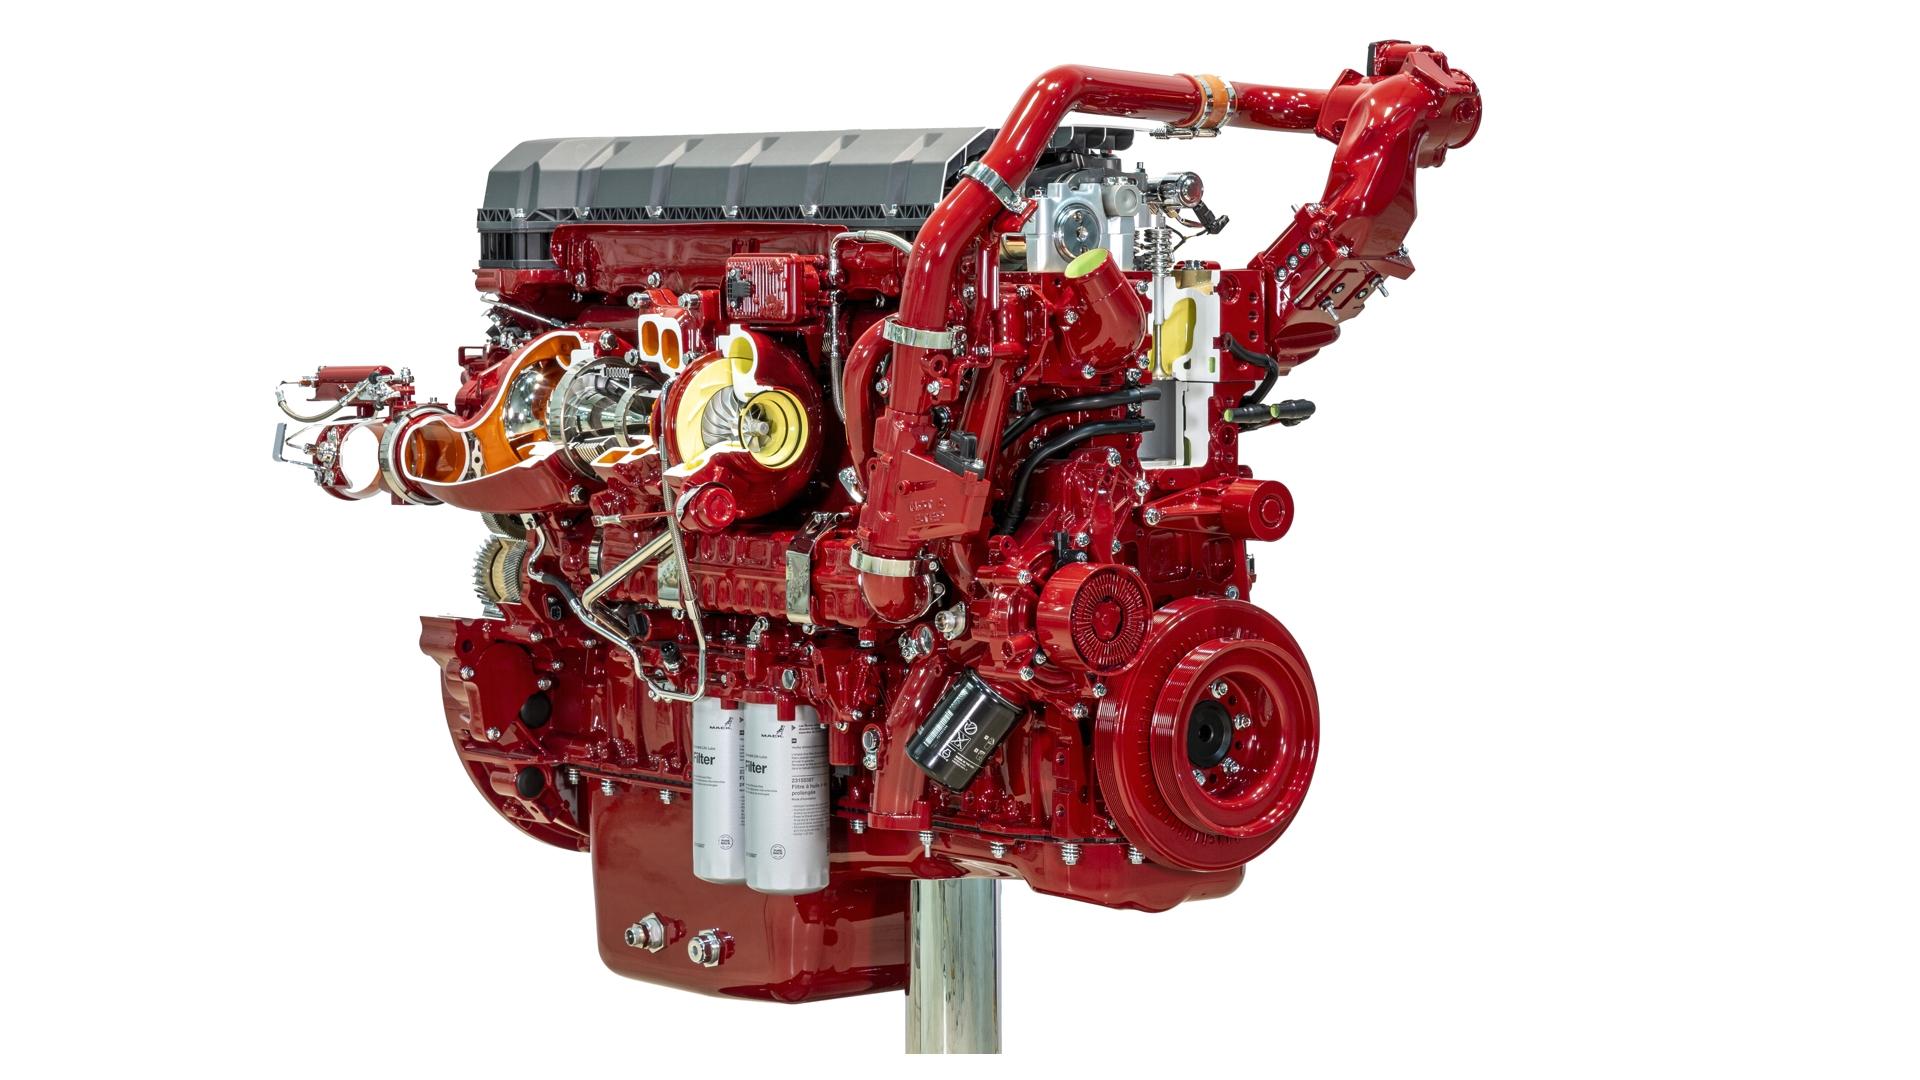 Mack Diesel Engine Cutaway Display